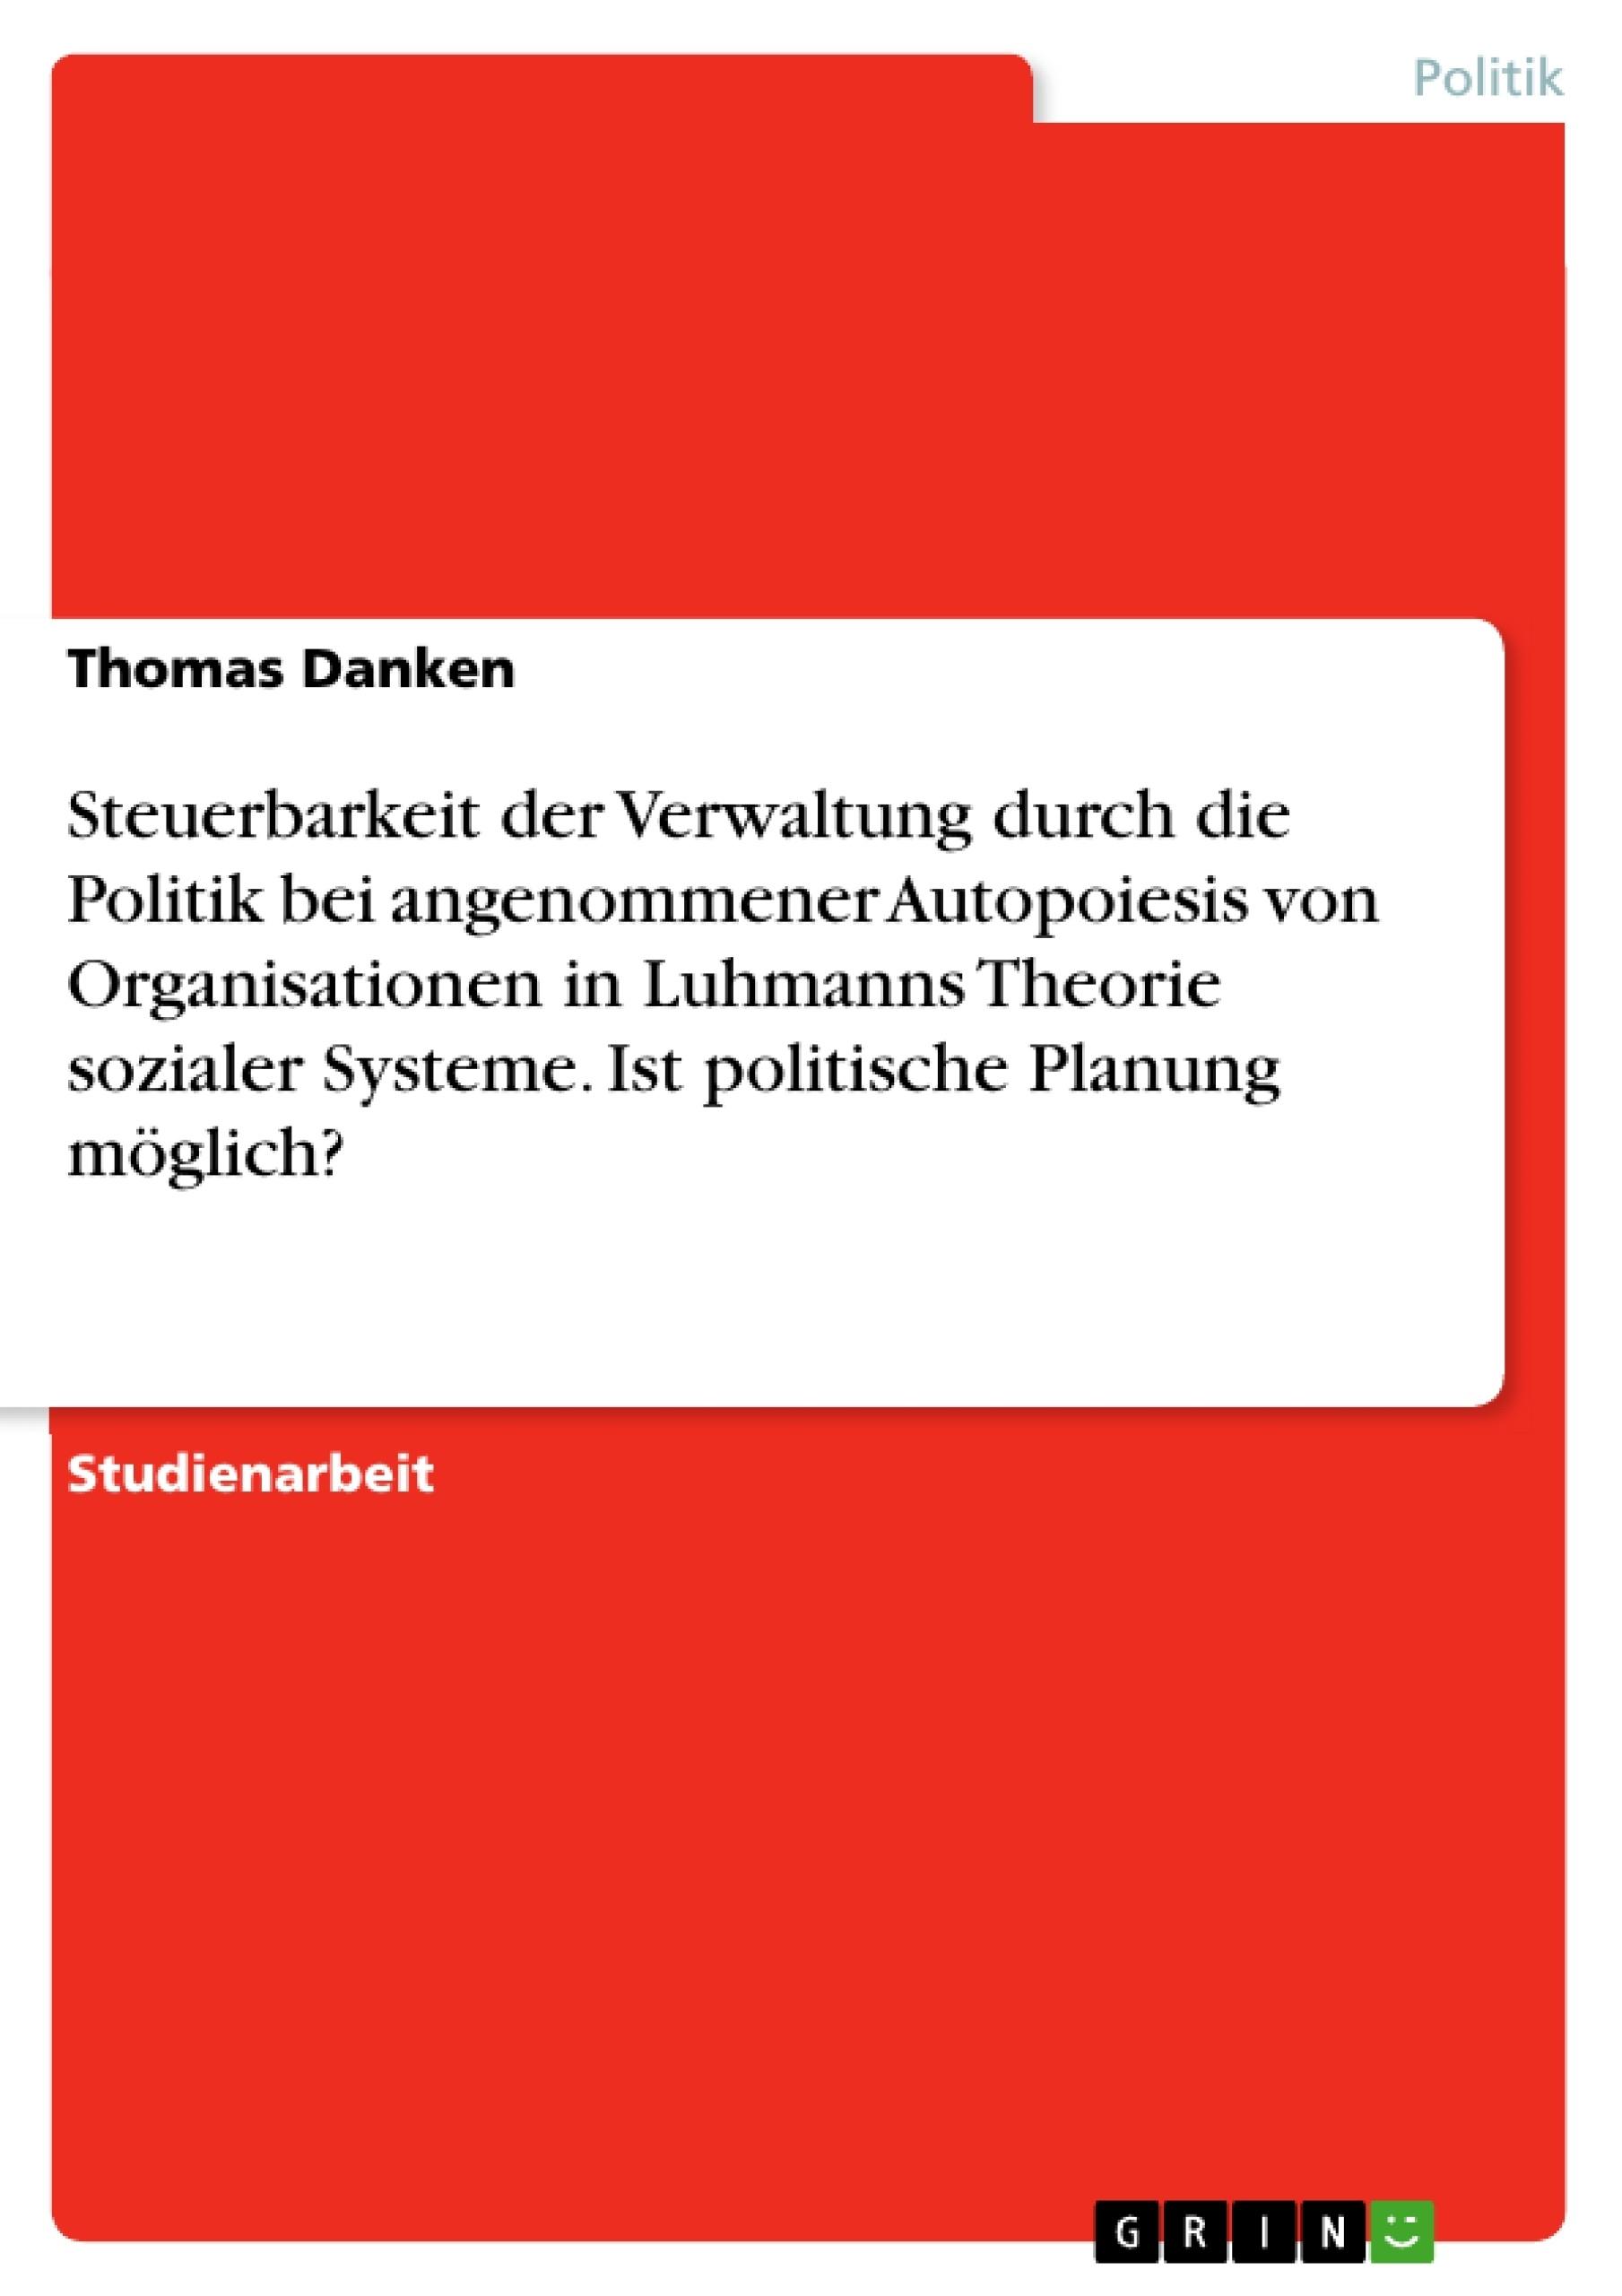 Titel: Steuerbarkeit der Verwaltung durch die Politik bei angenommener Autopoiesis von Organisationen in Luhmanns Theorie sozialer Systeme. Ist politische Planung möglich?